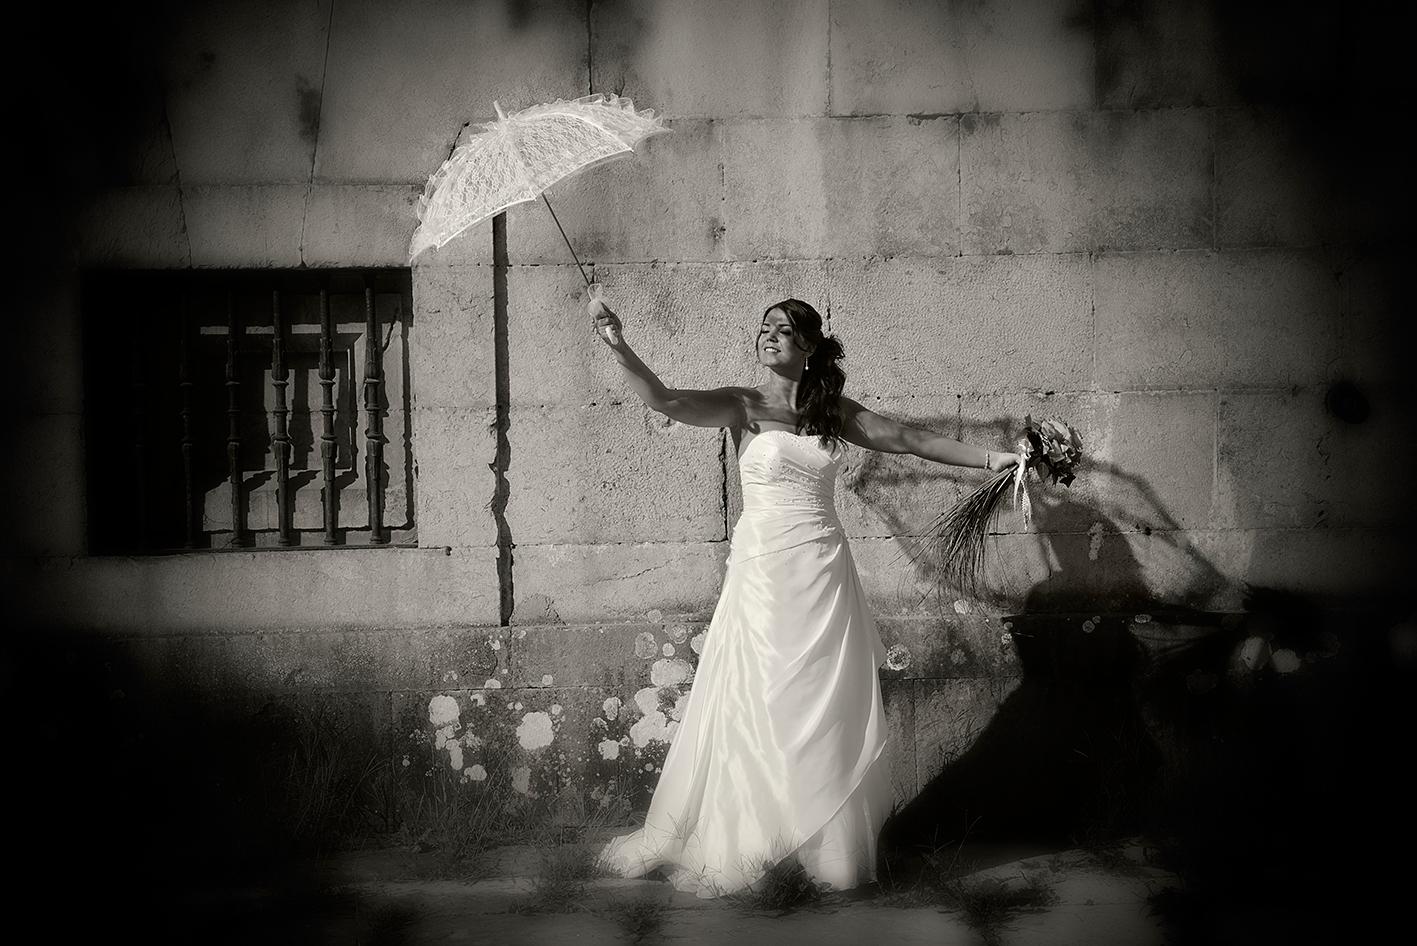 Fotografía de boda en blanco y negro Azpeitia (Gipuzkoa)